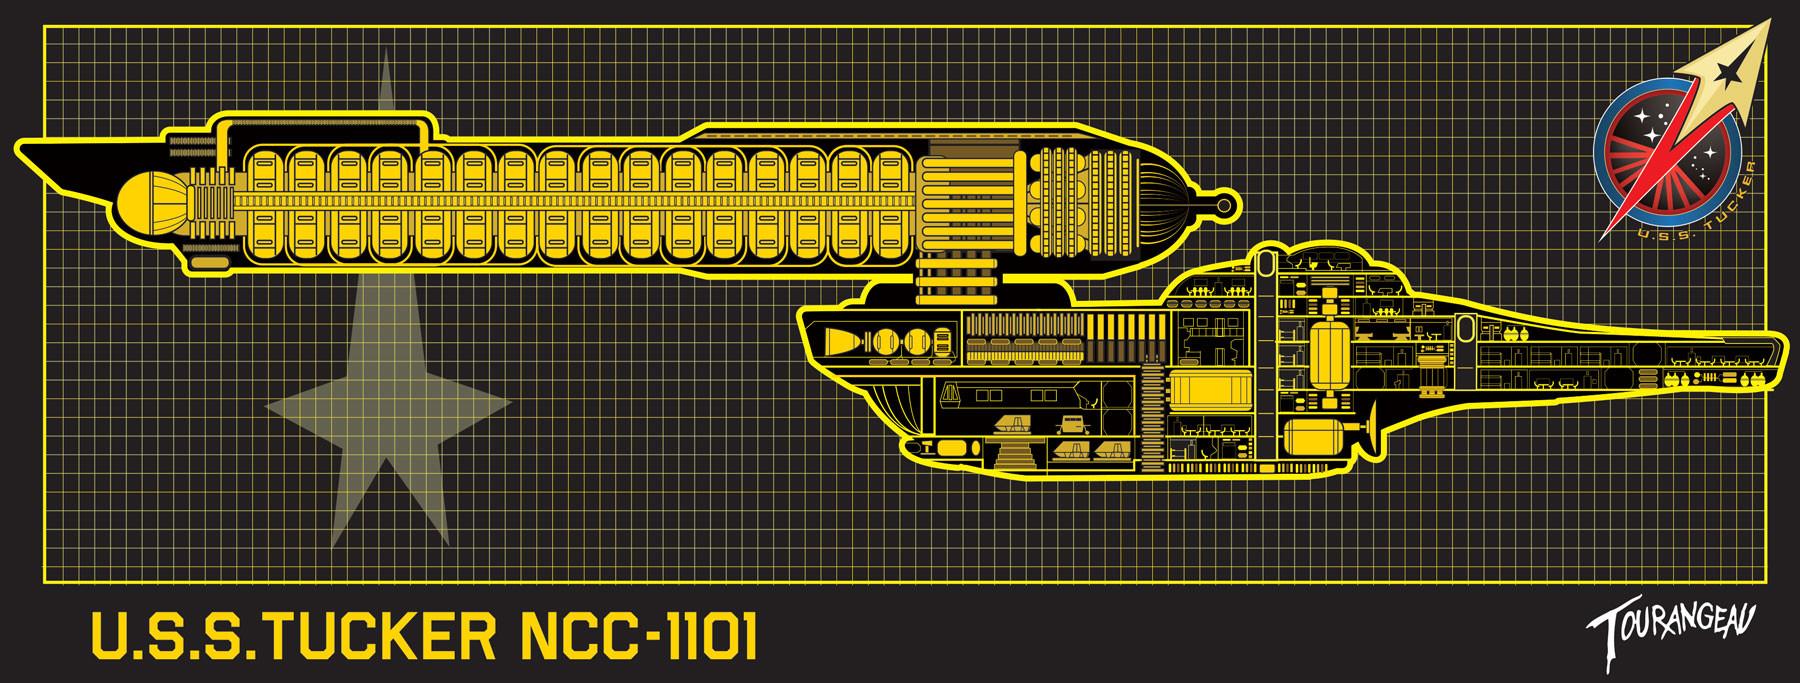 Artstation Master Systems Displays Msd Sean Tourangeau Star Trek Engineering Schematics File Of One My Own Designs The Usstucker A Pre Tos Era Border Patrol Ship